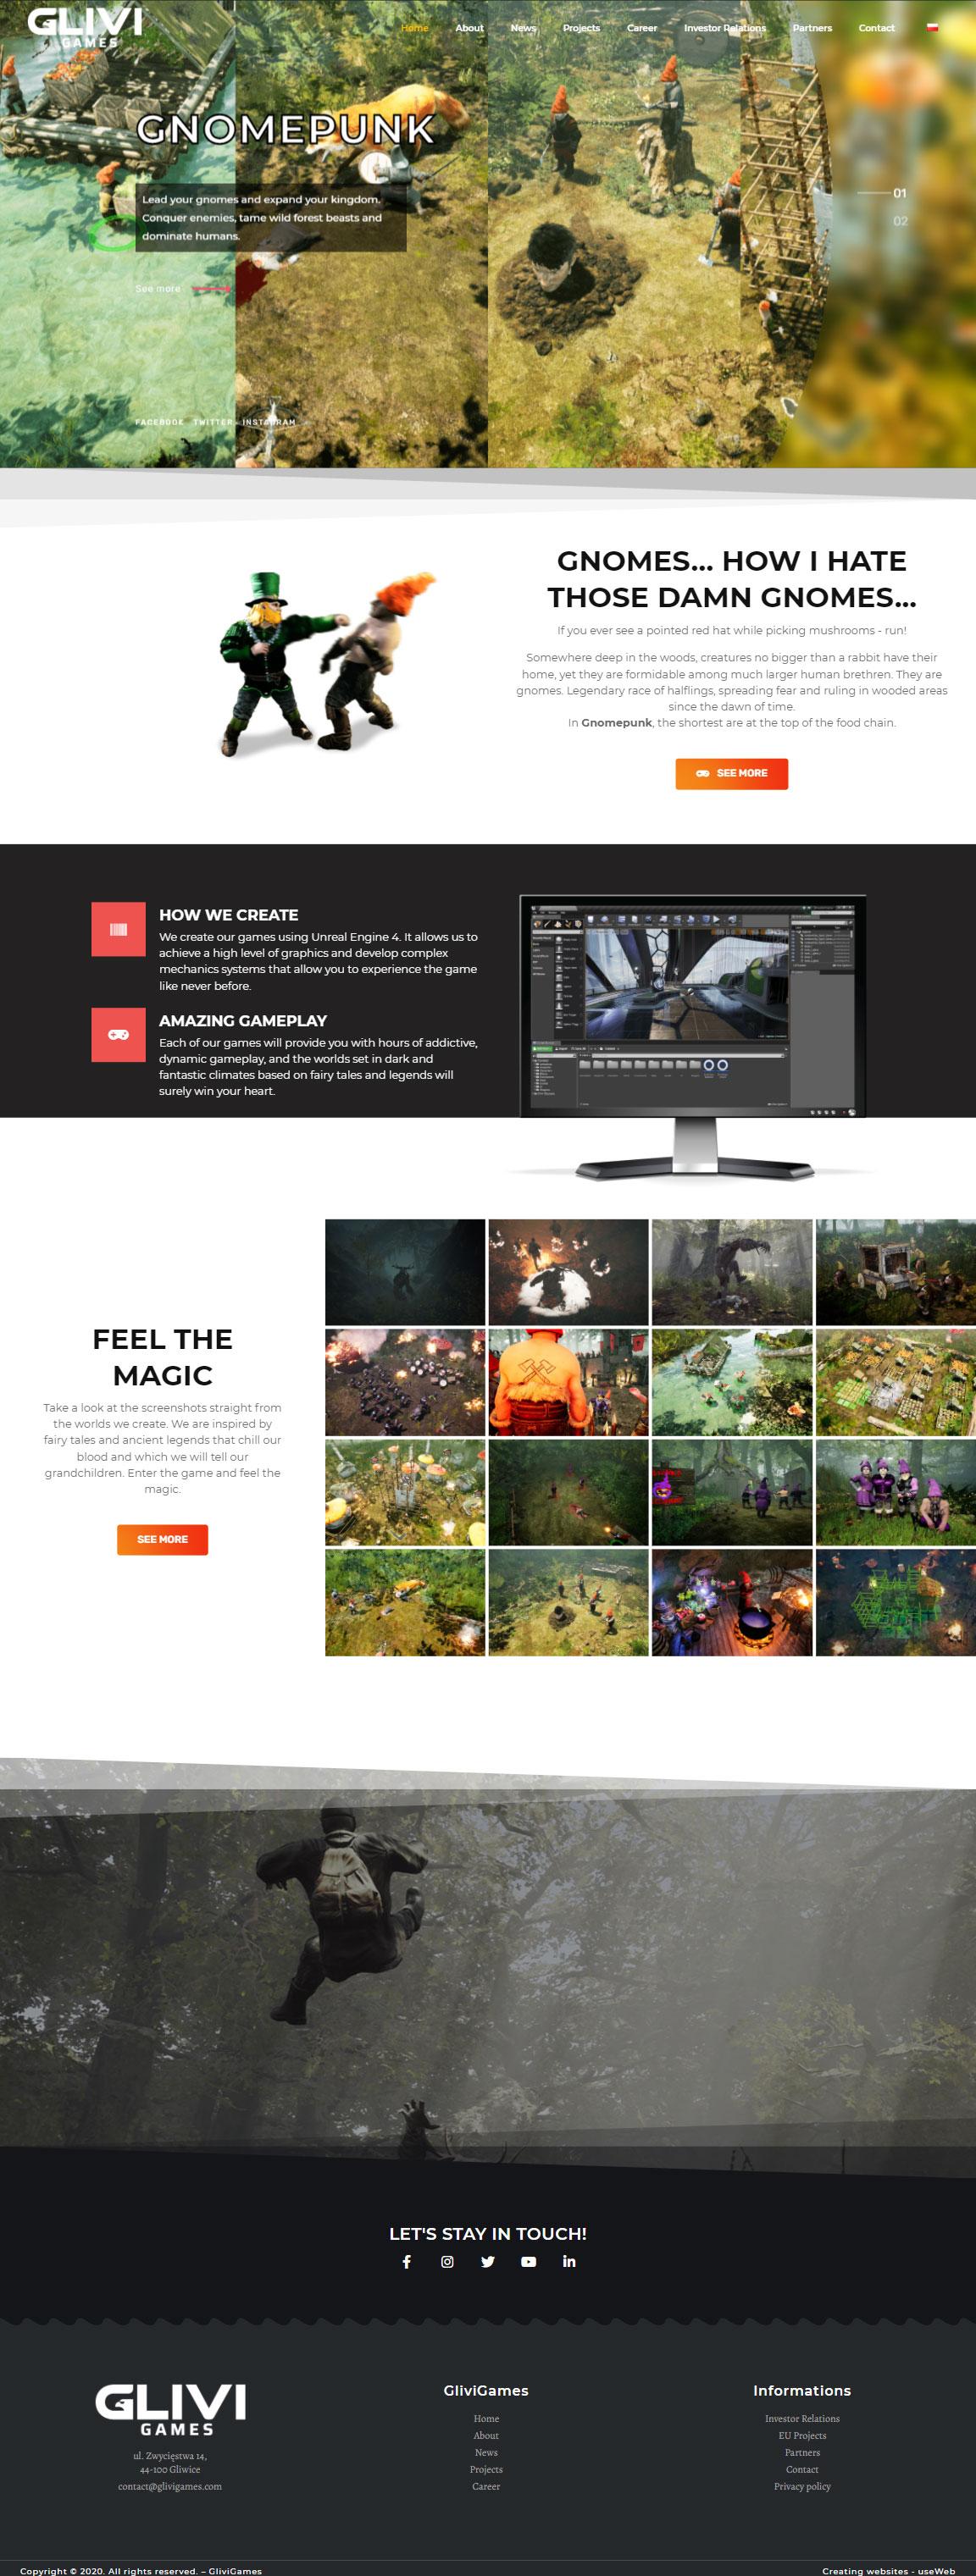 Portfolio-useweb-tworzenie-stron-internetowych-glivigames-